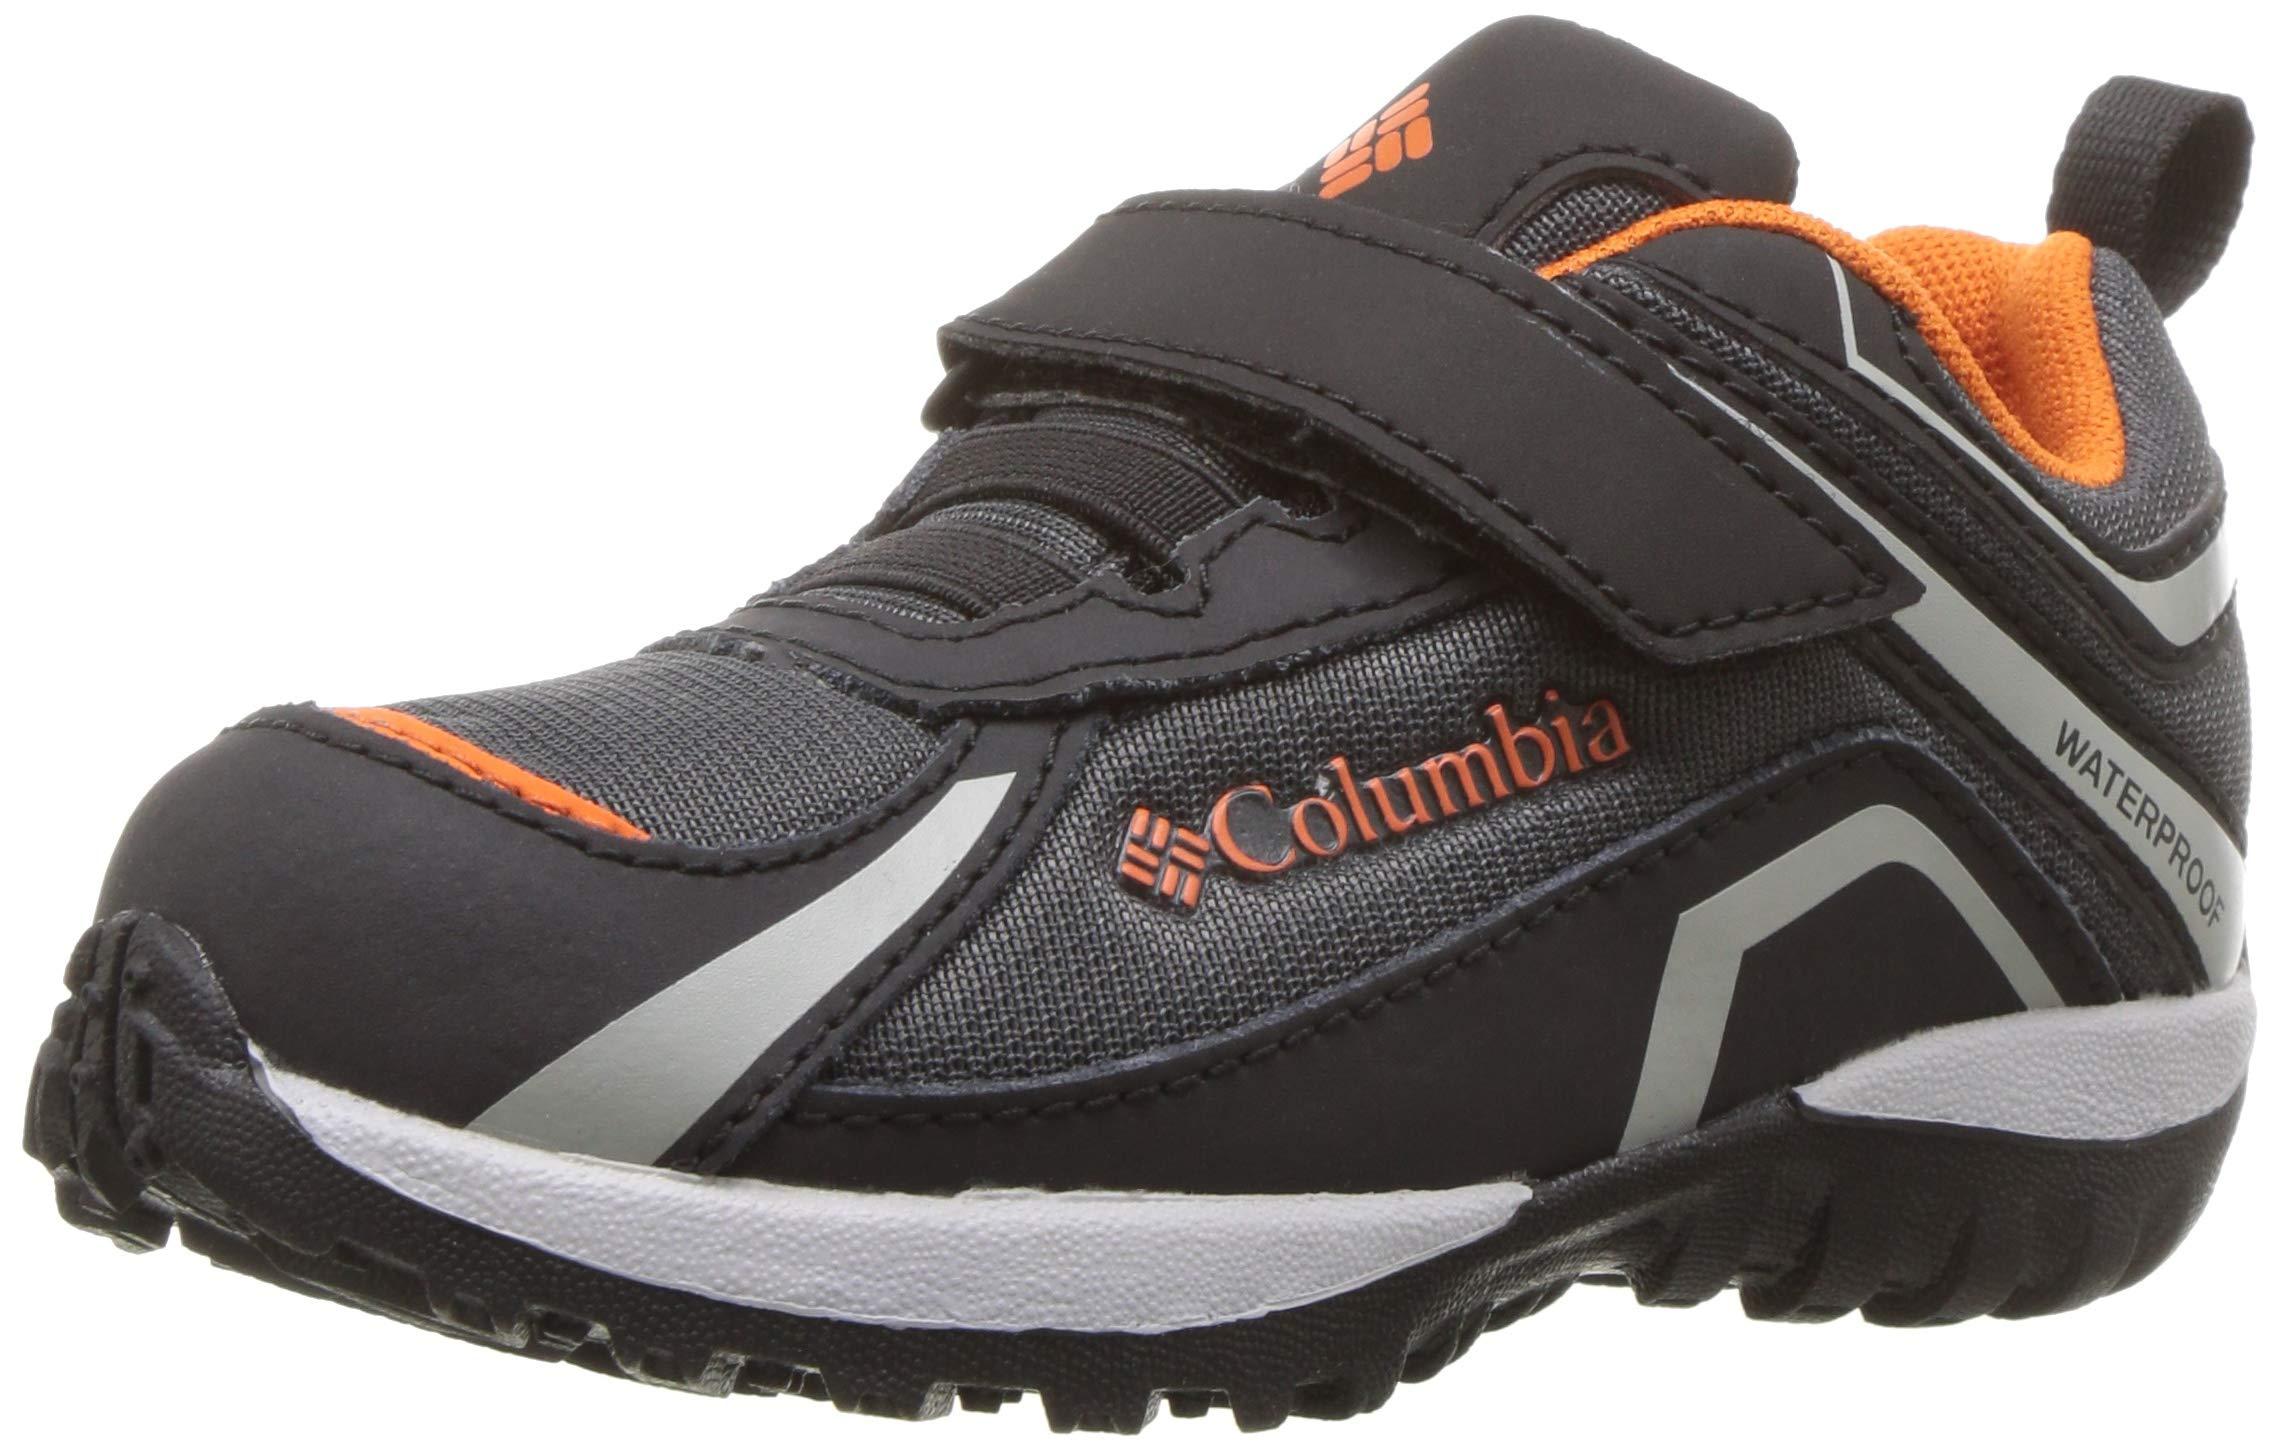 Columbia Boys' Children's Conspiracy Waterproof Hiking Shoe, Dark Grey, Heatwave, 12 Regular US Little Kid